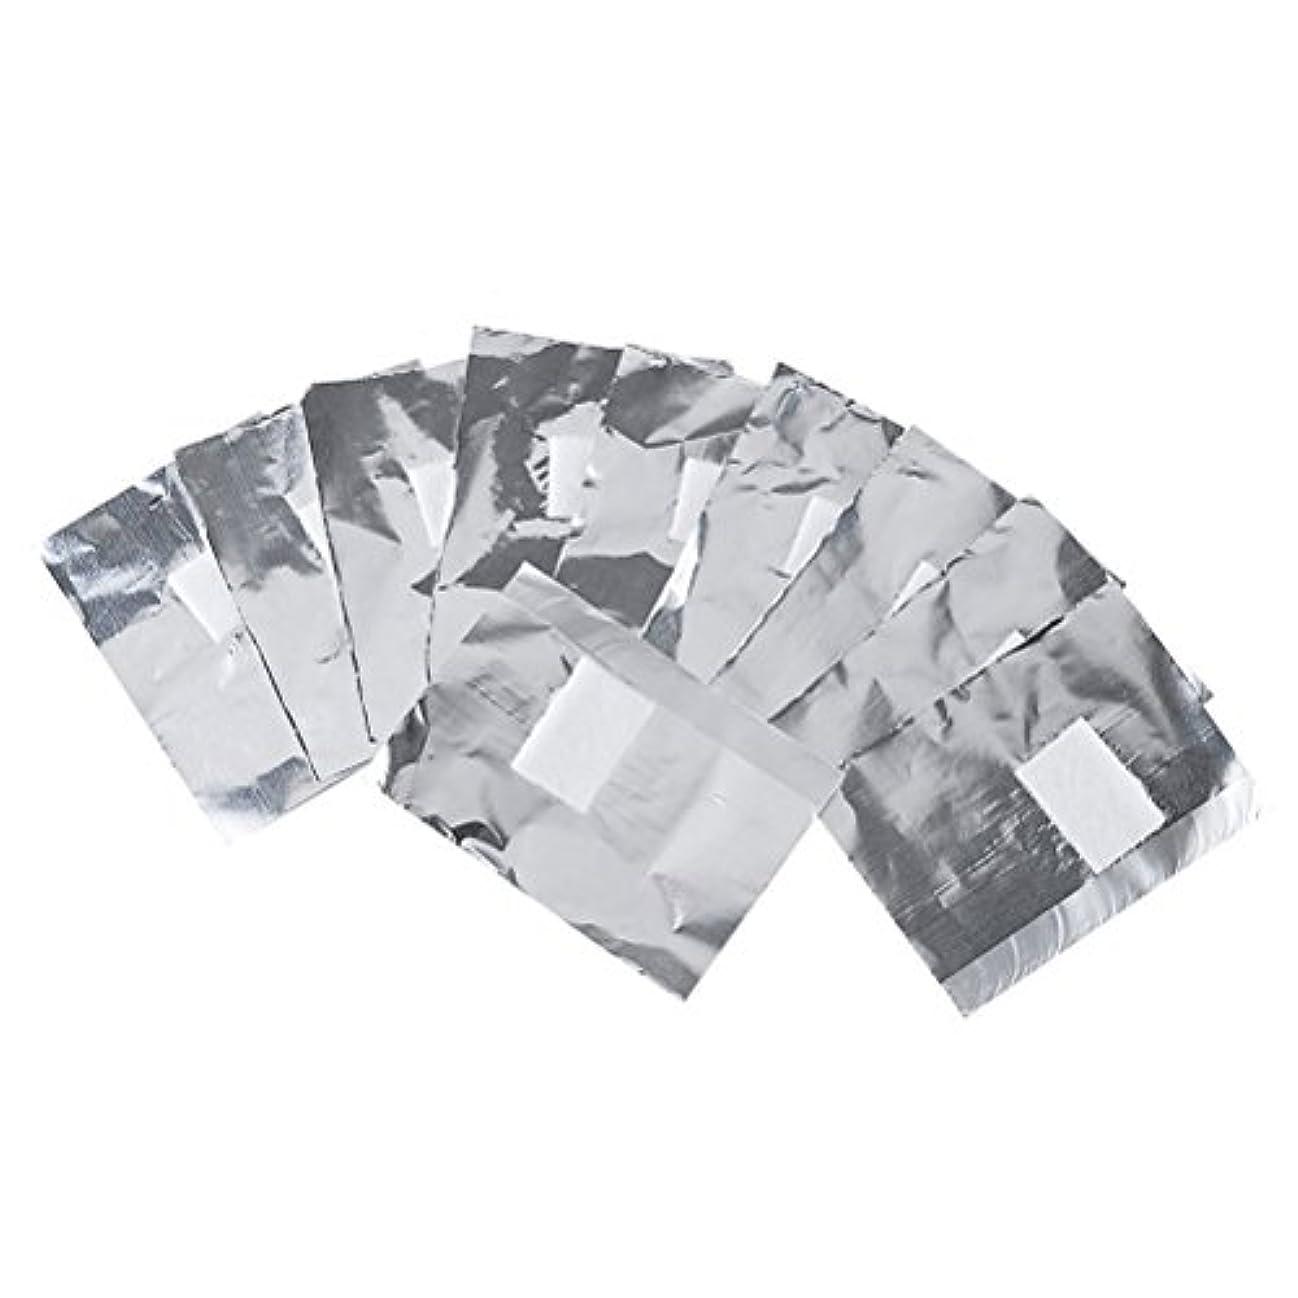 始まりカテゴリーソースFrcolor ネイルオフ ジェルオフリムーバー アクリルUVジェル ネイルポリッシュをきれいにオフする ジェル 使い捨て コットン付きアルミホイル ネイル用品 キューティクル 200枚